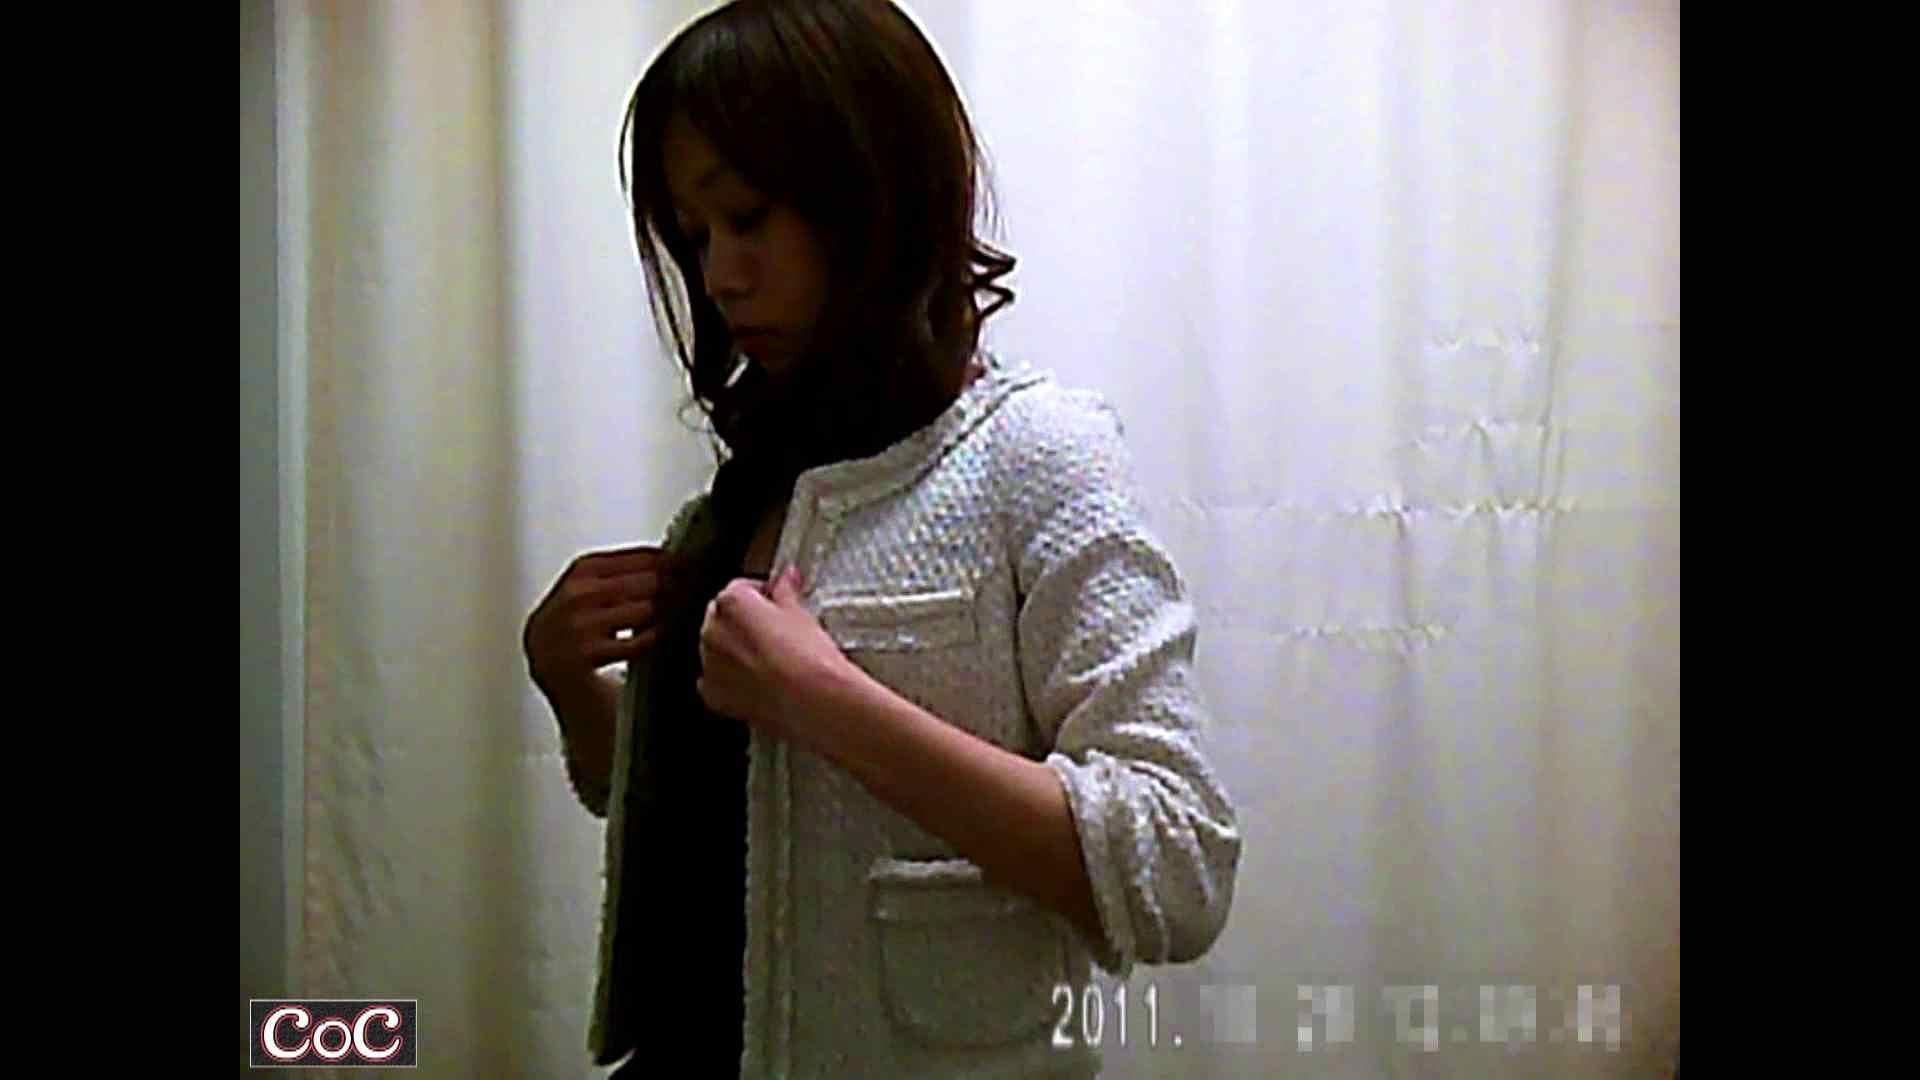 病院おもいっきり着替え! vol.75 おっぱい特集 オマンコ動画キャプチャ 55pic 11